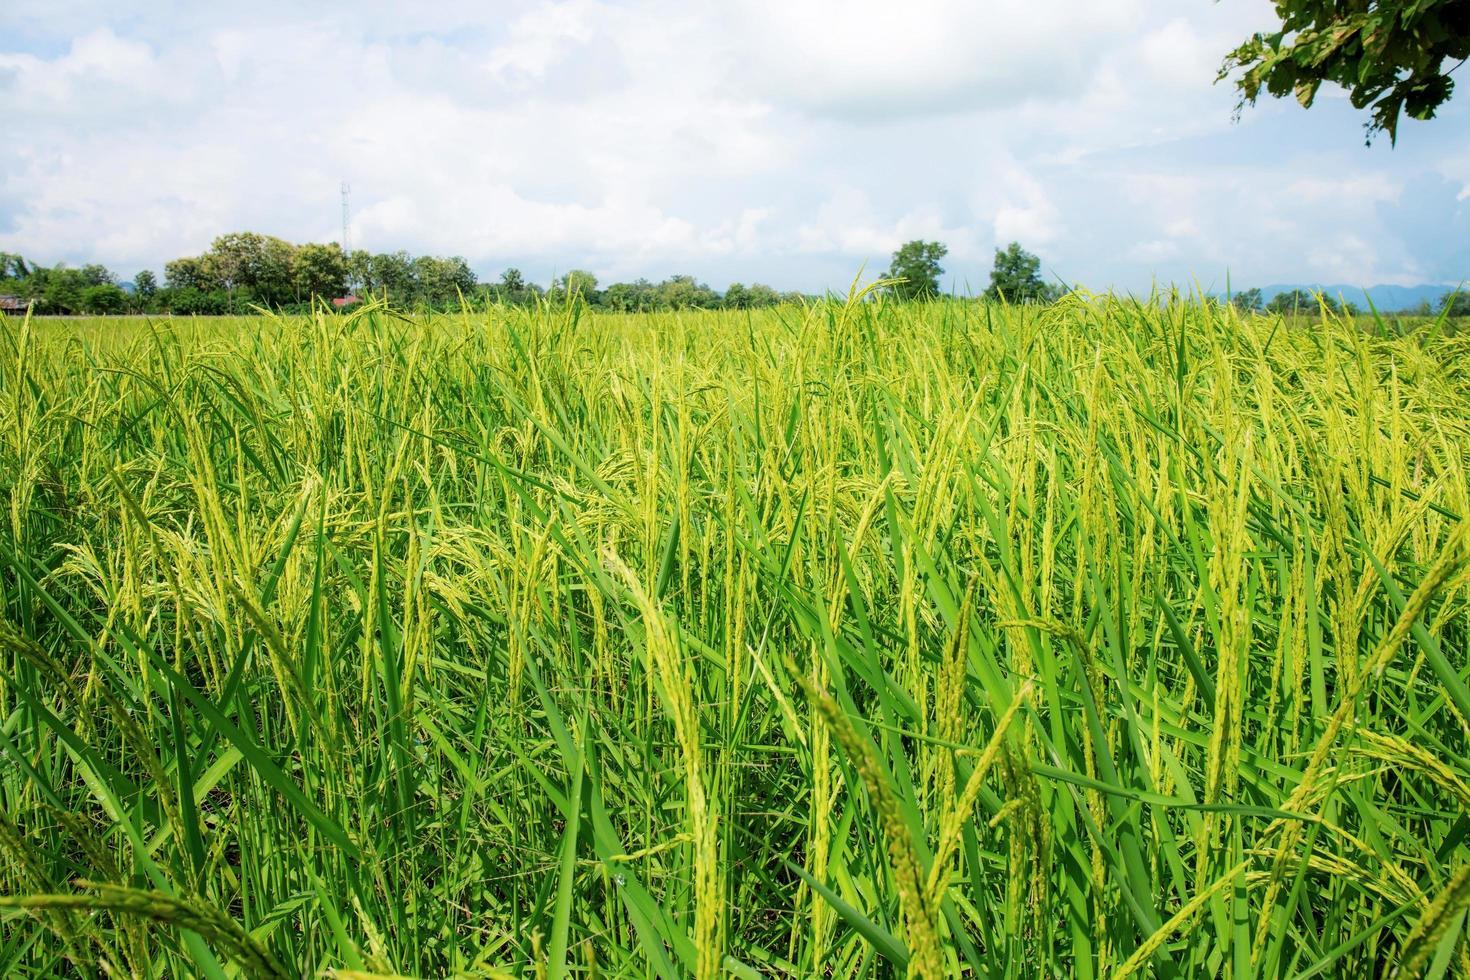 een groeiende rijst veld uitzicht op bewolkte warme dag in Thailand foto